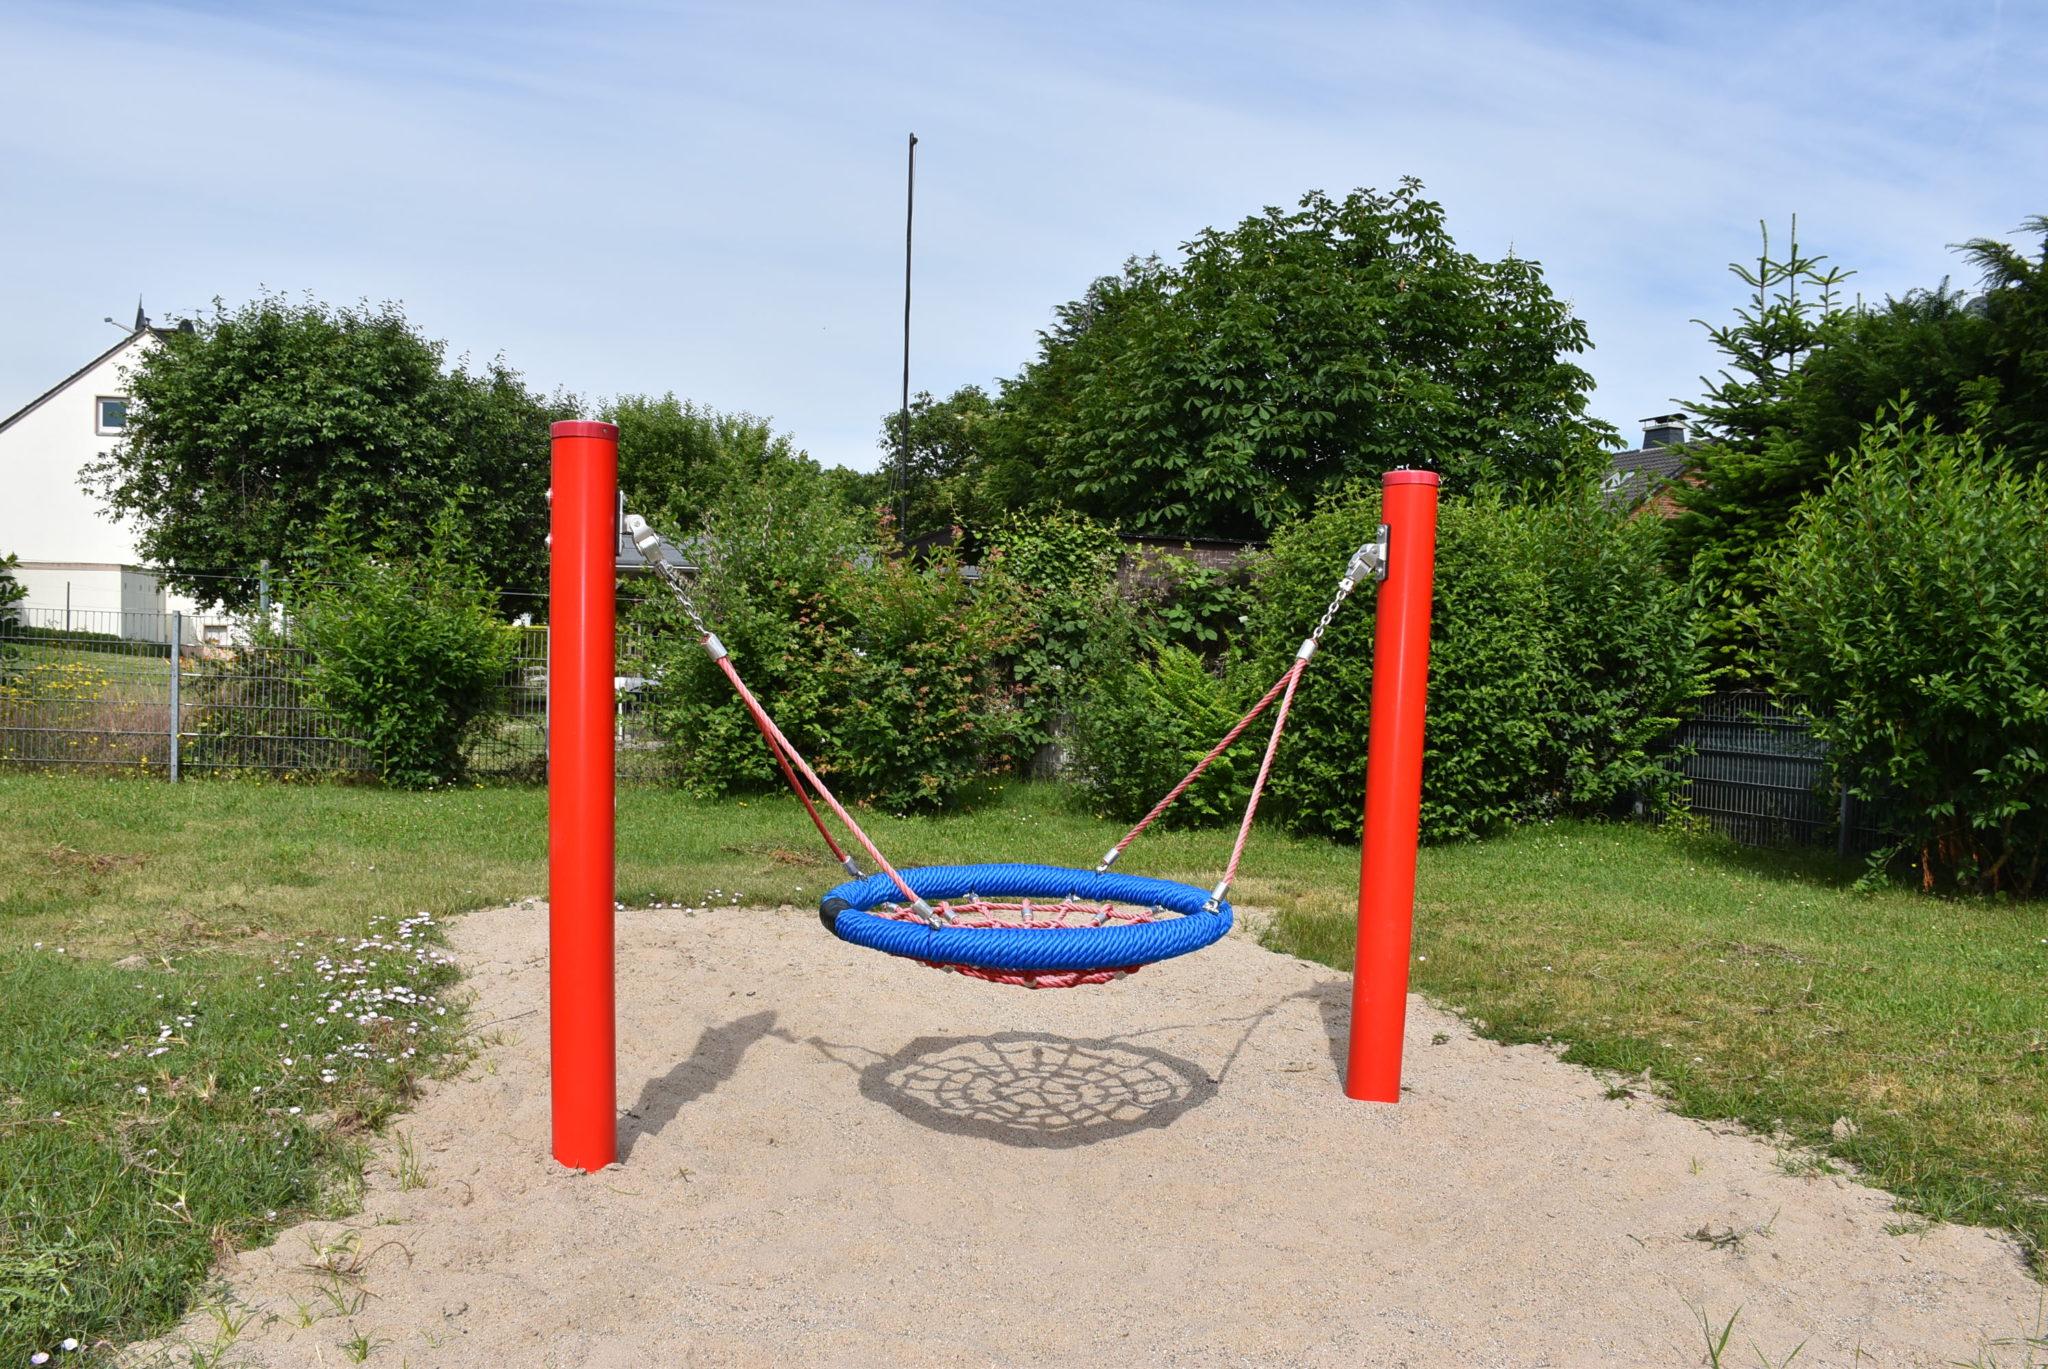 Übersicht Netzschaukel Spielplatz Papenbrede